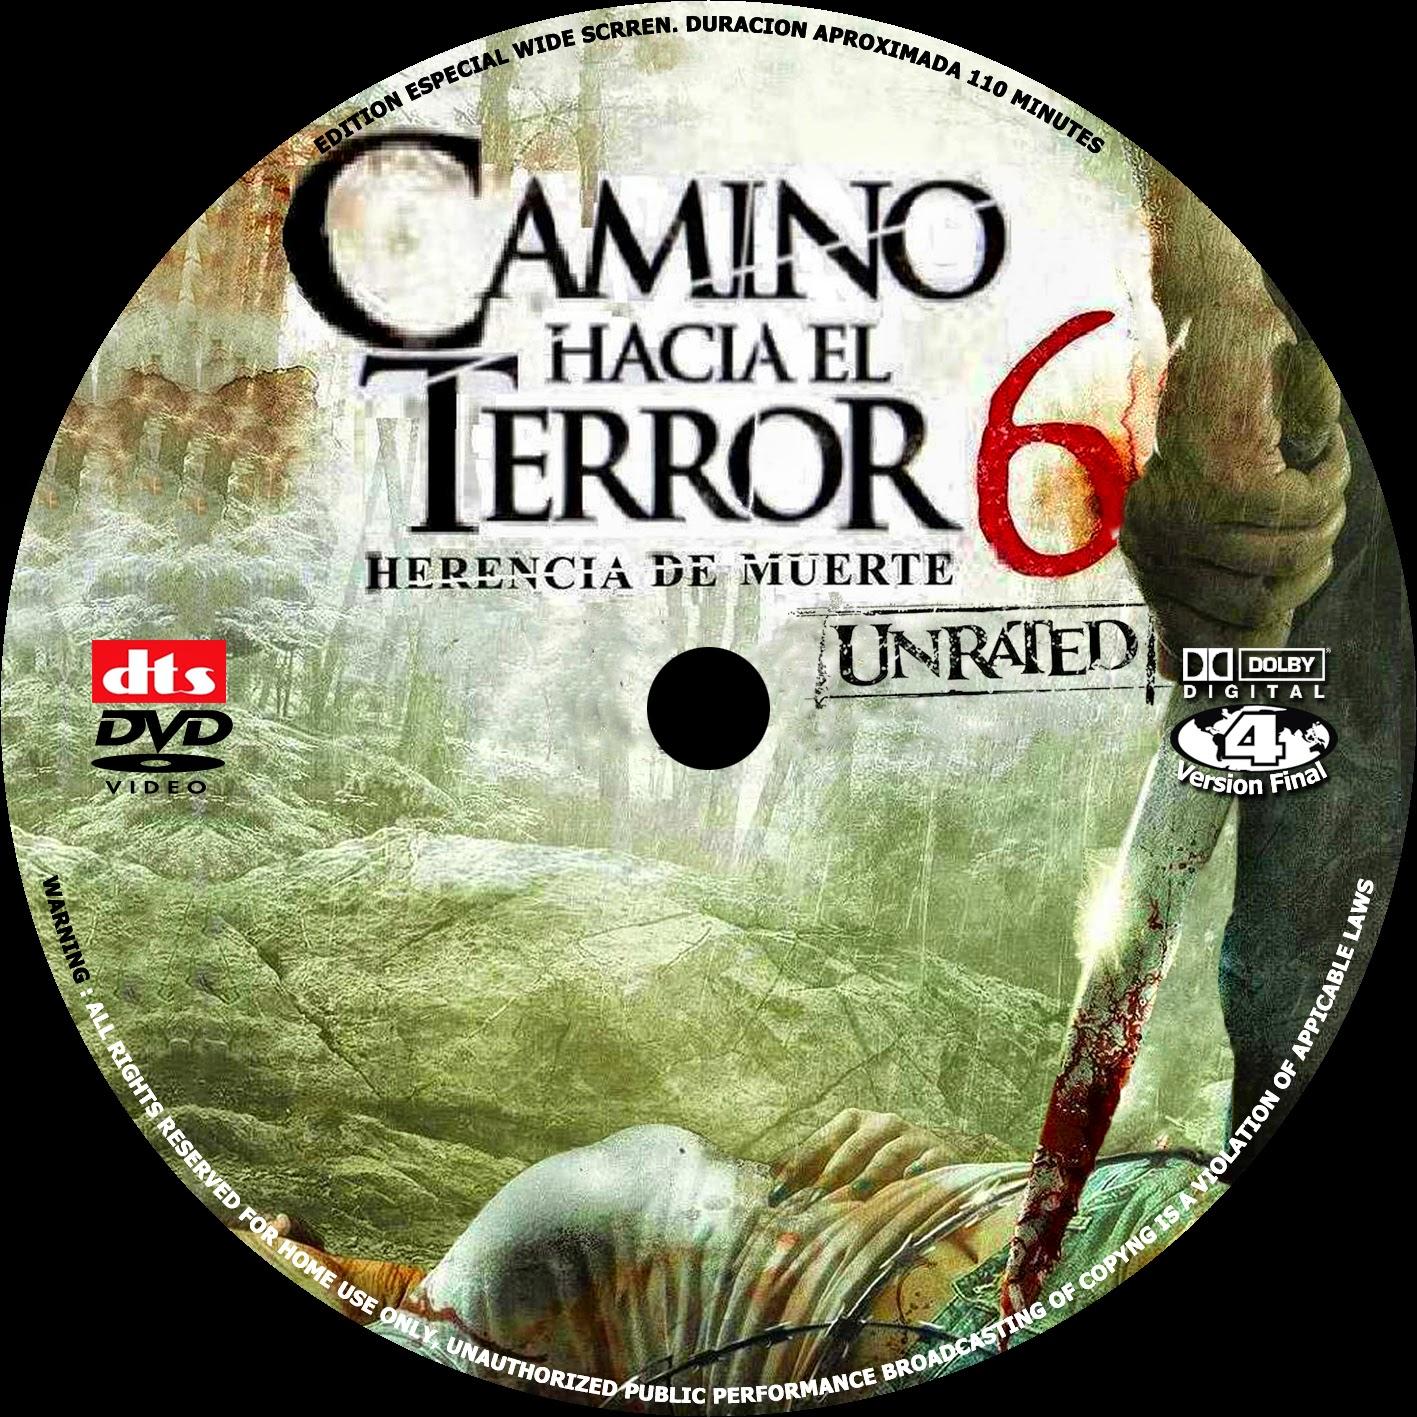 Camino hacia el terror 6 Trailer Oficial - YouTube